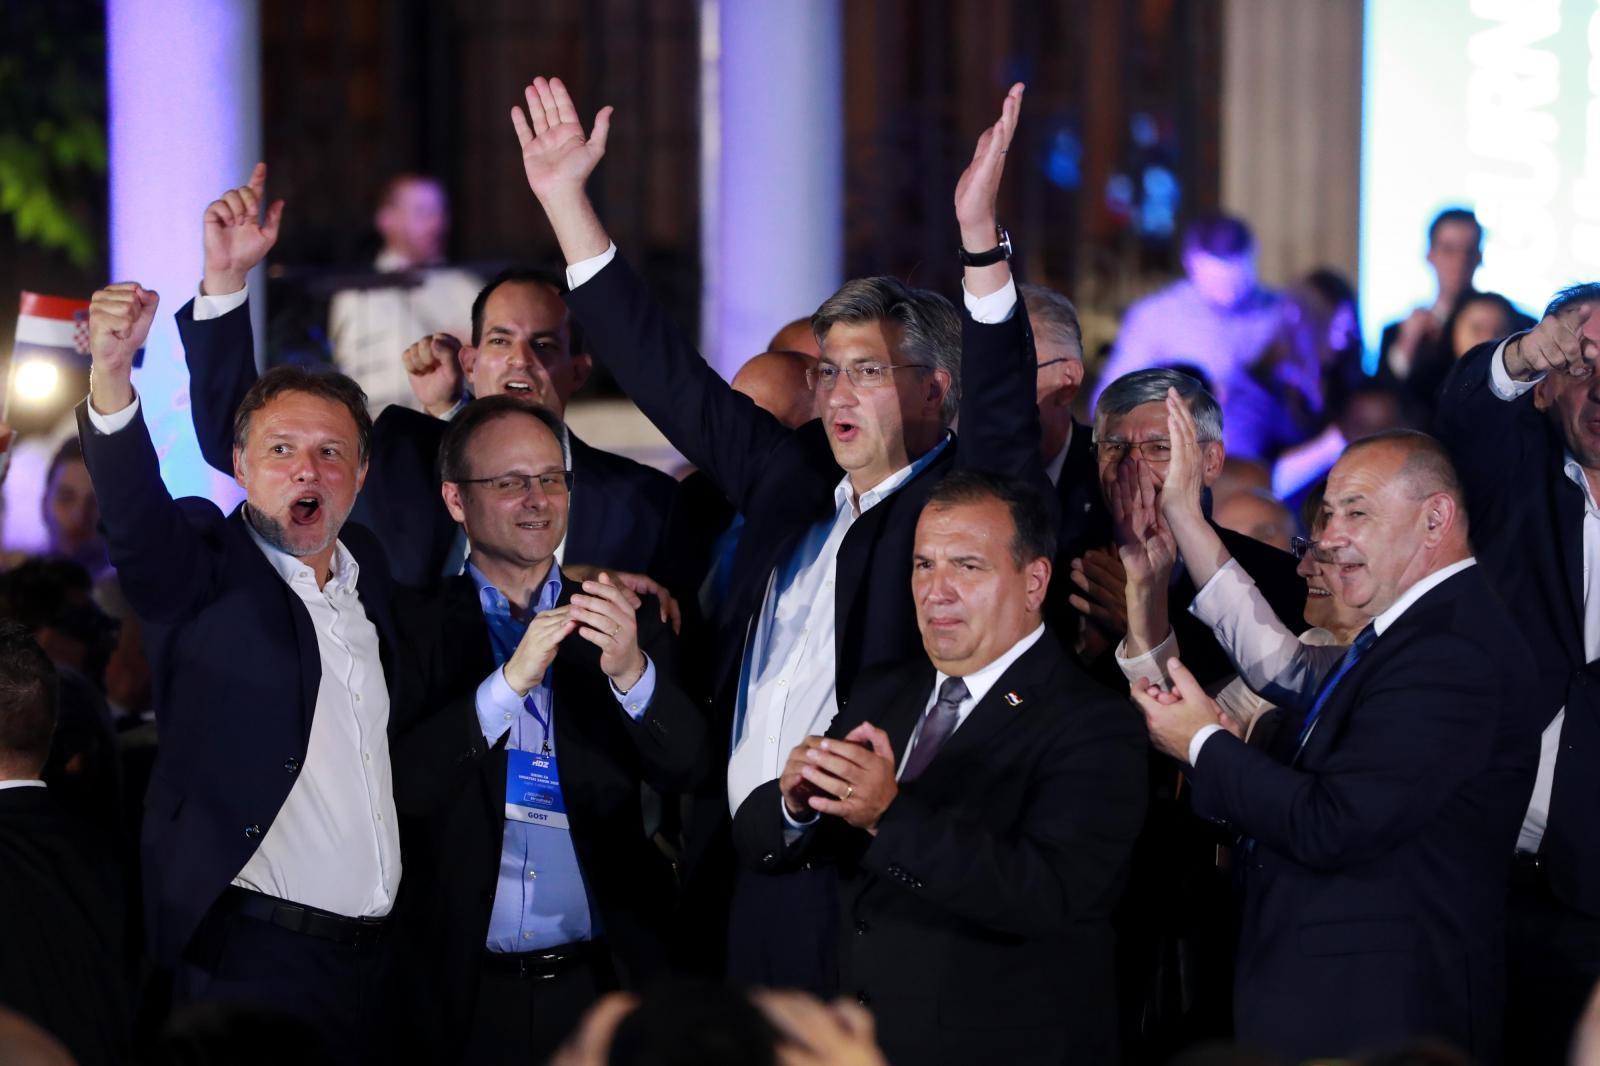 MOĆNOM HDZ-ovcu COVID POREMETIO PLANOVE: Još jedan kandidat za gradonačelnika pozitivan na koronu, POVLAČI LI KANDIDATURU?